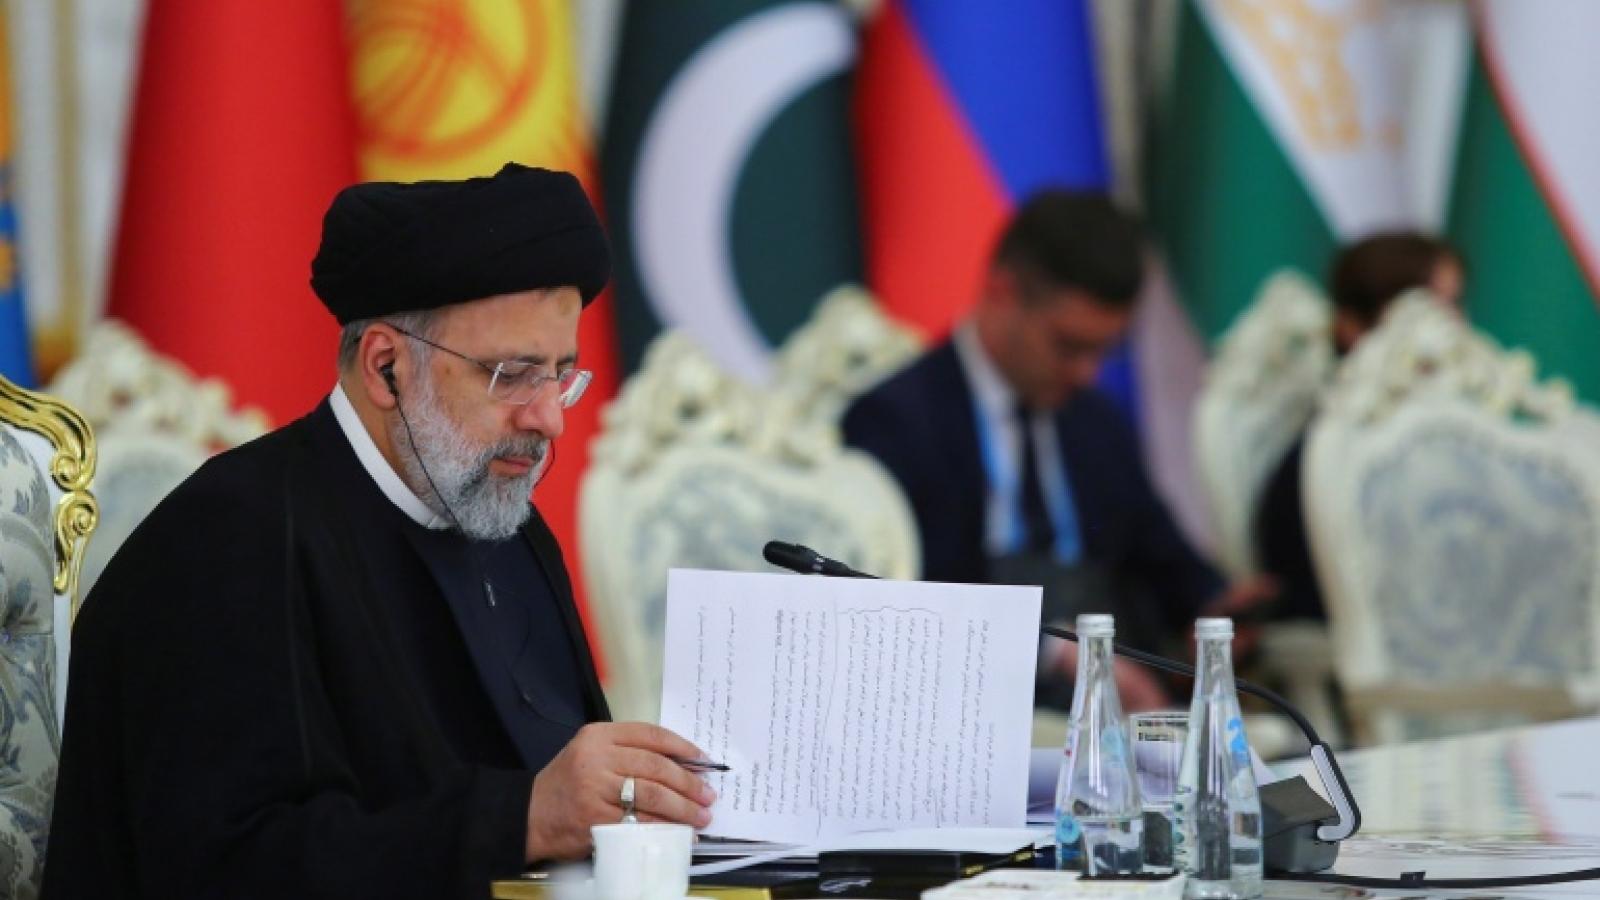 Chính thức trở thành thành viên của SCO mang lại lợi ích gì cho Iran?